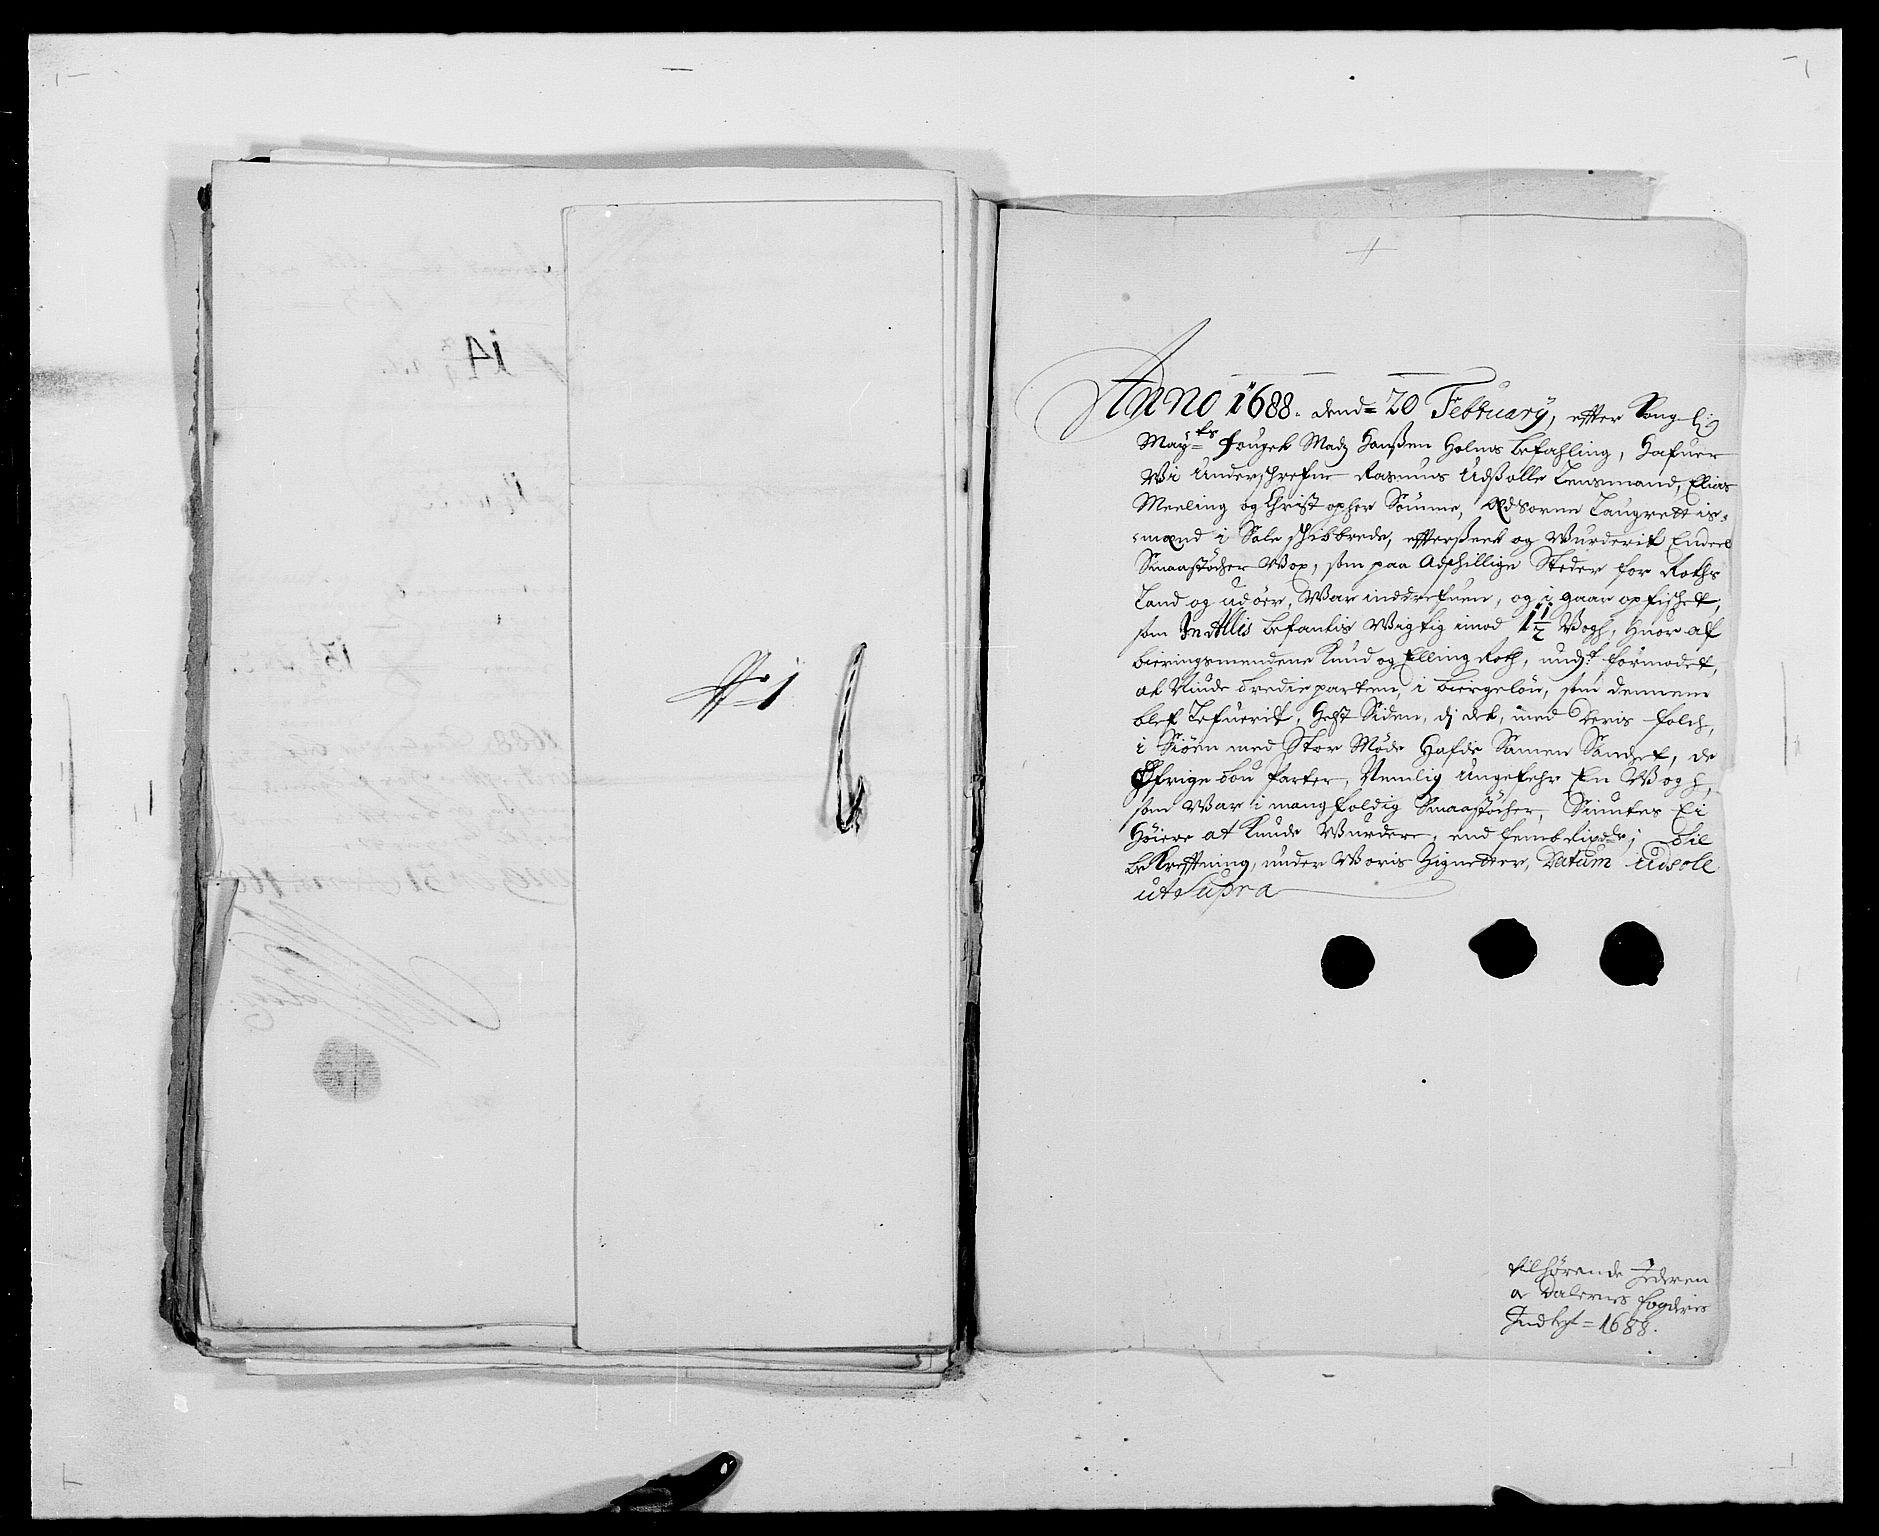 RA, Rentekammeret inntil 1814, Reviderte regnskaper, Fogderegnskap, R46/L2726: Fogderegnskap Jæren og Dalane, 1686-1689, s. 283